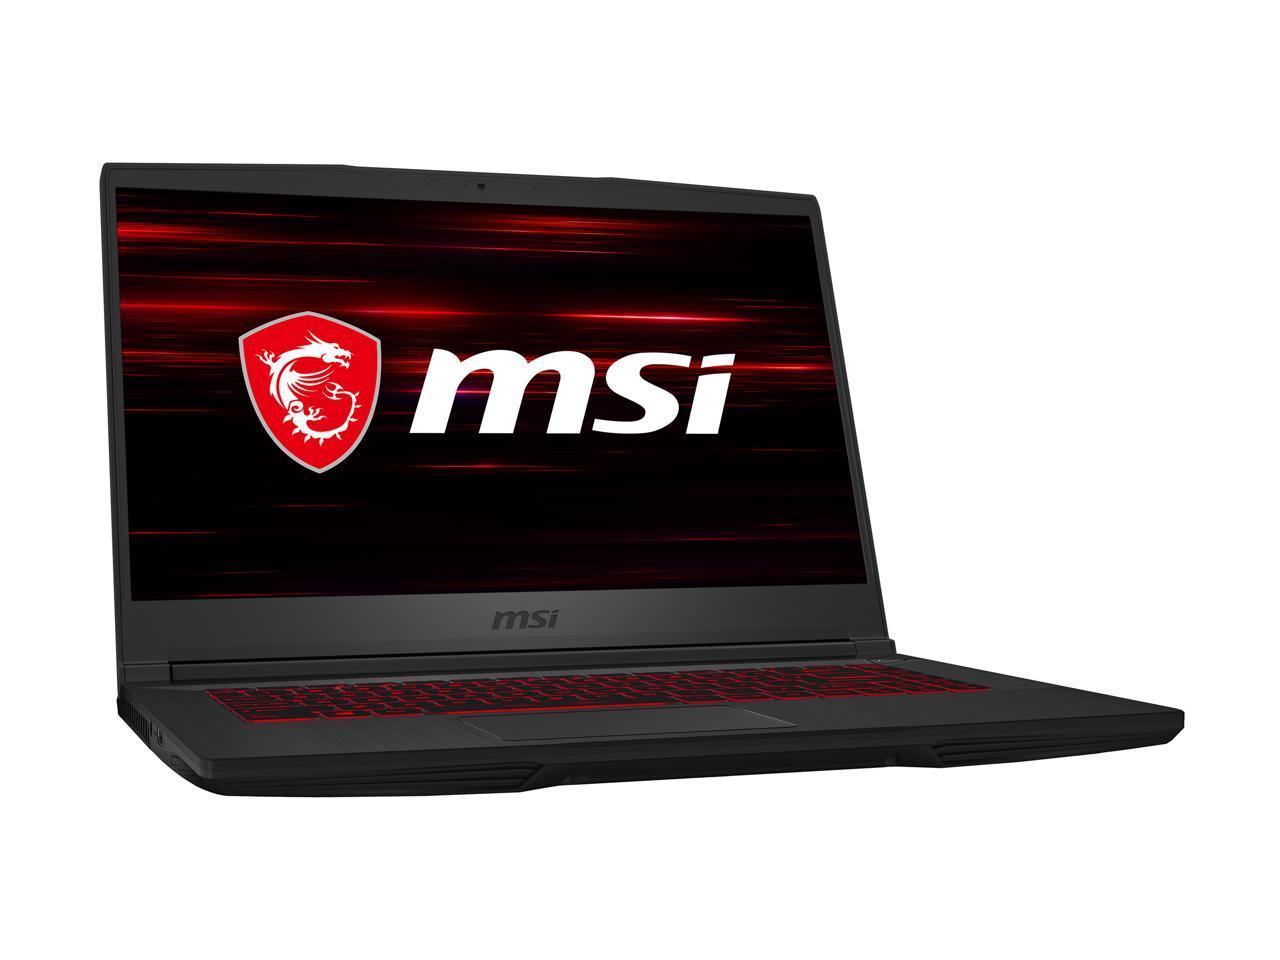 """MSI GF65 15.6"""" Laptop i5-9300H/RTX 2060/8 GB DDR4/512 GB SSD $779 AR/FS @ Newegg"""